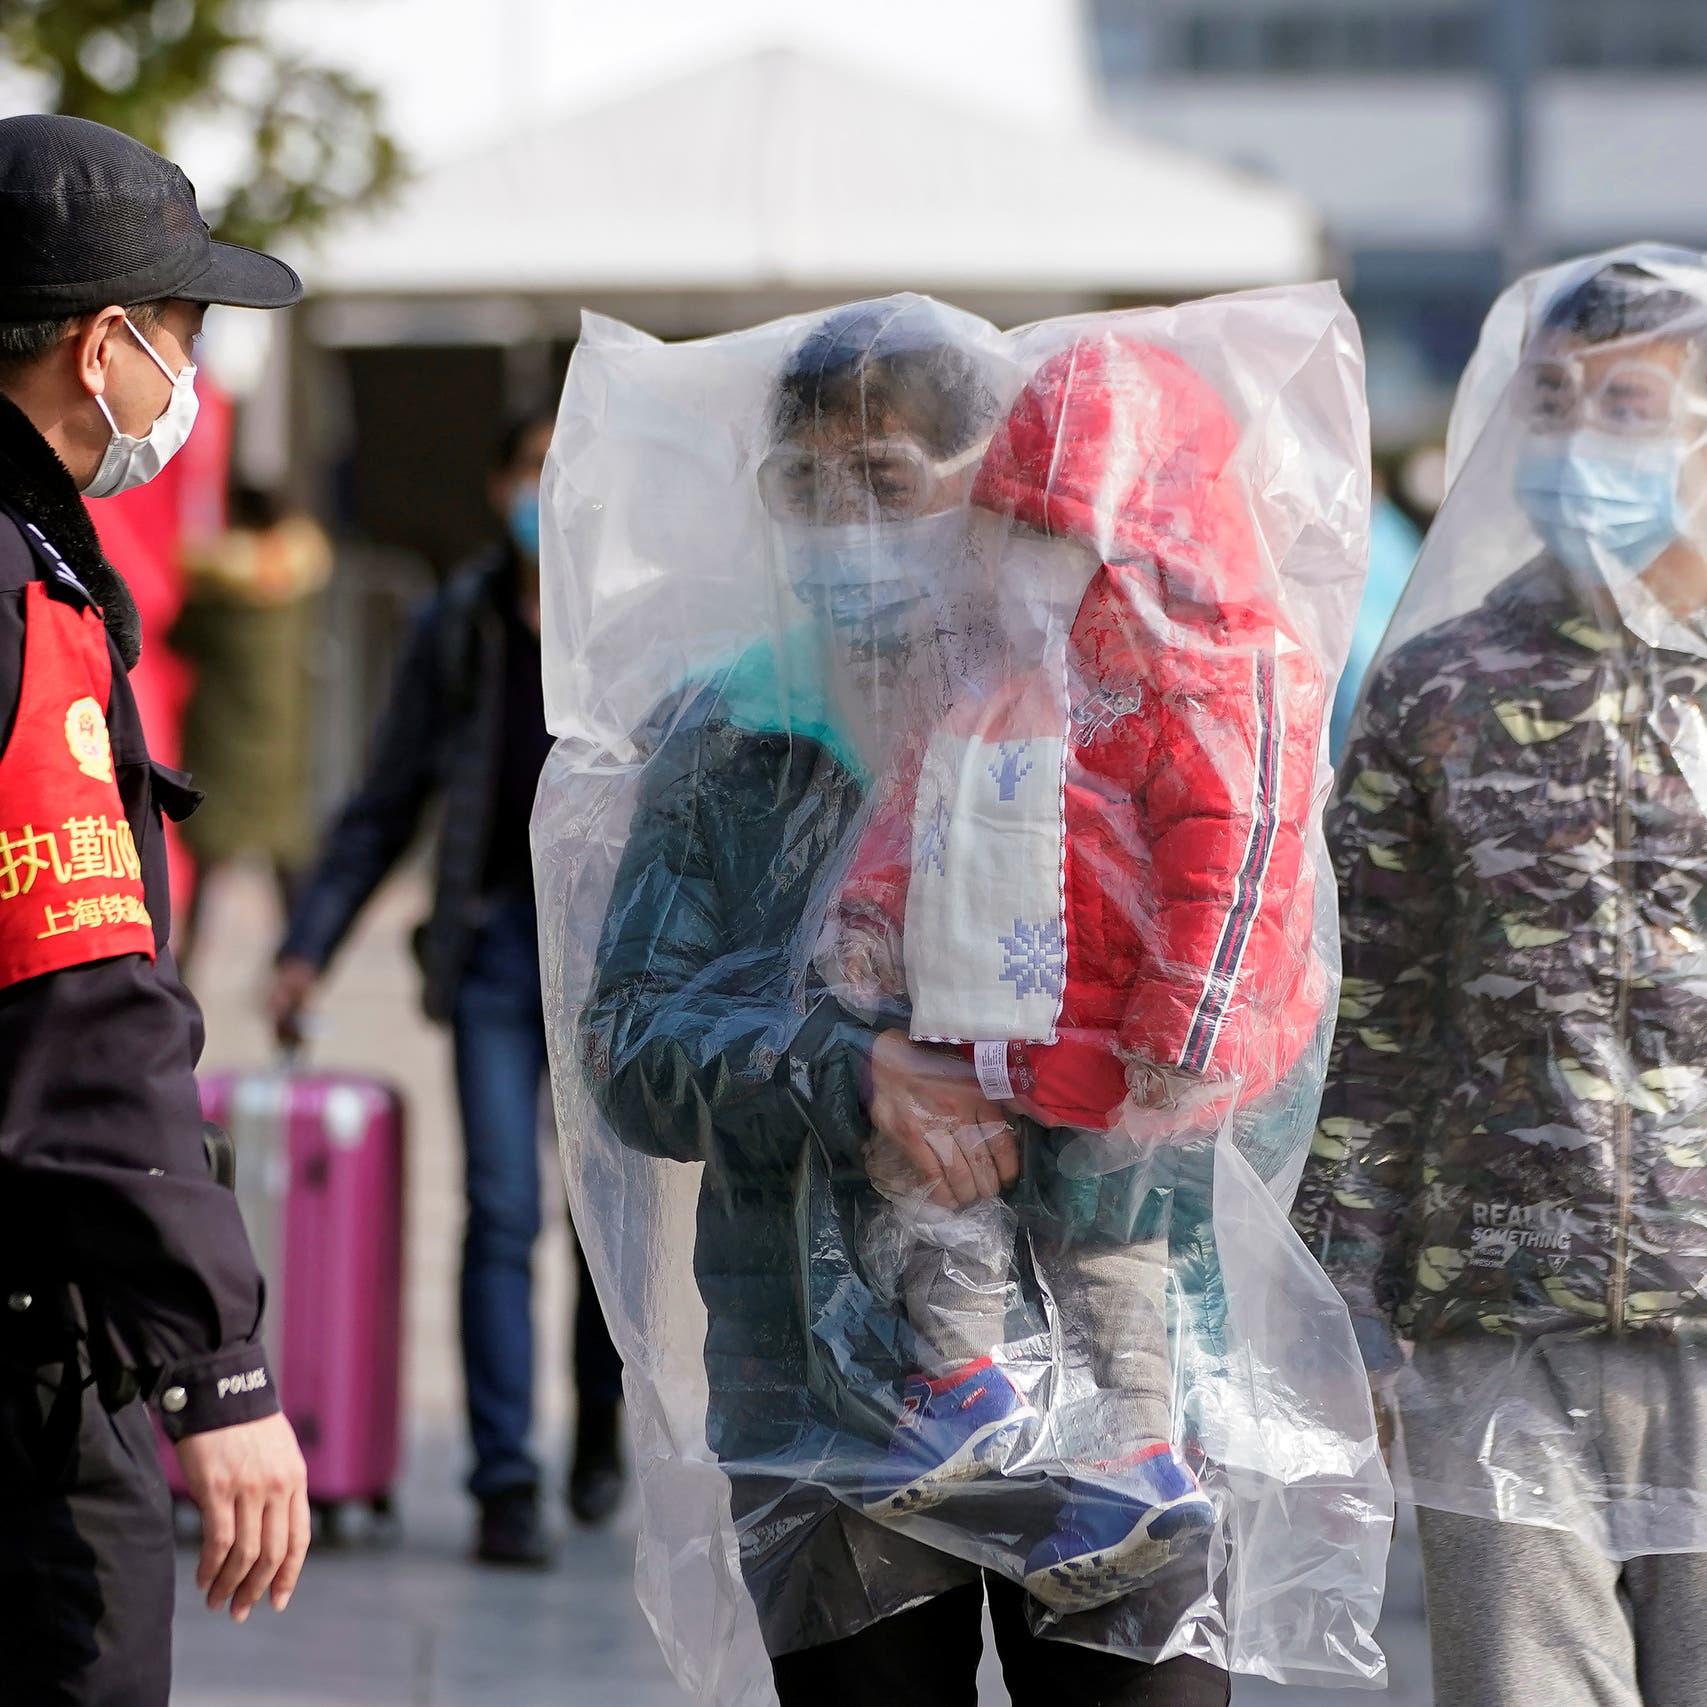 حصيلة كورونا ترتفع.. 908 وفيات في الصين و40 ألف إصابة